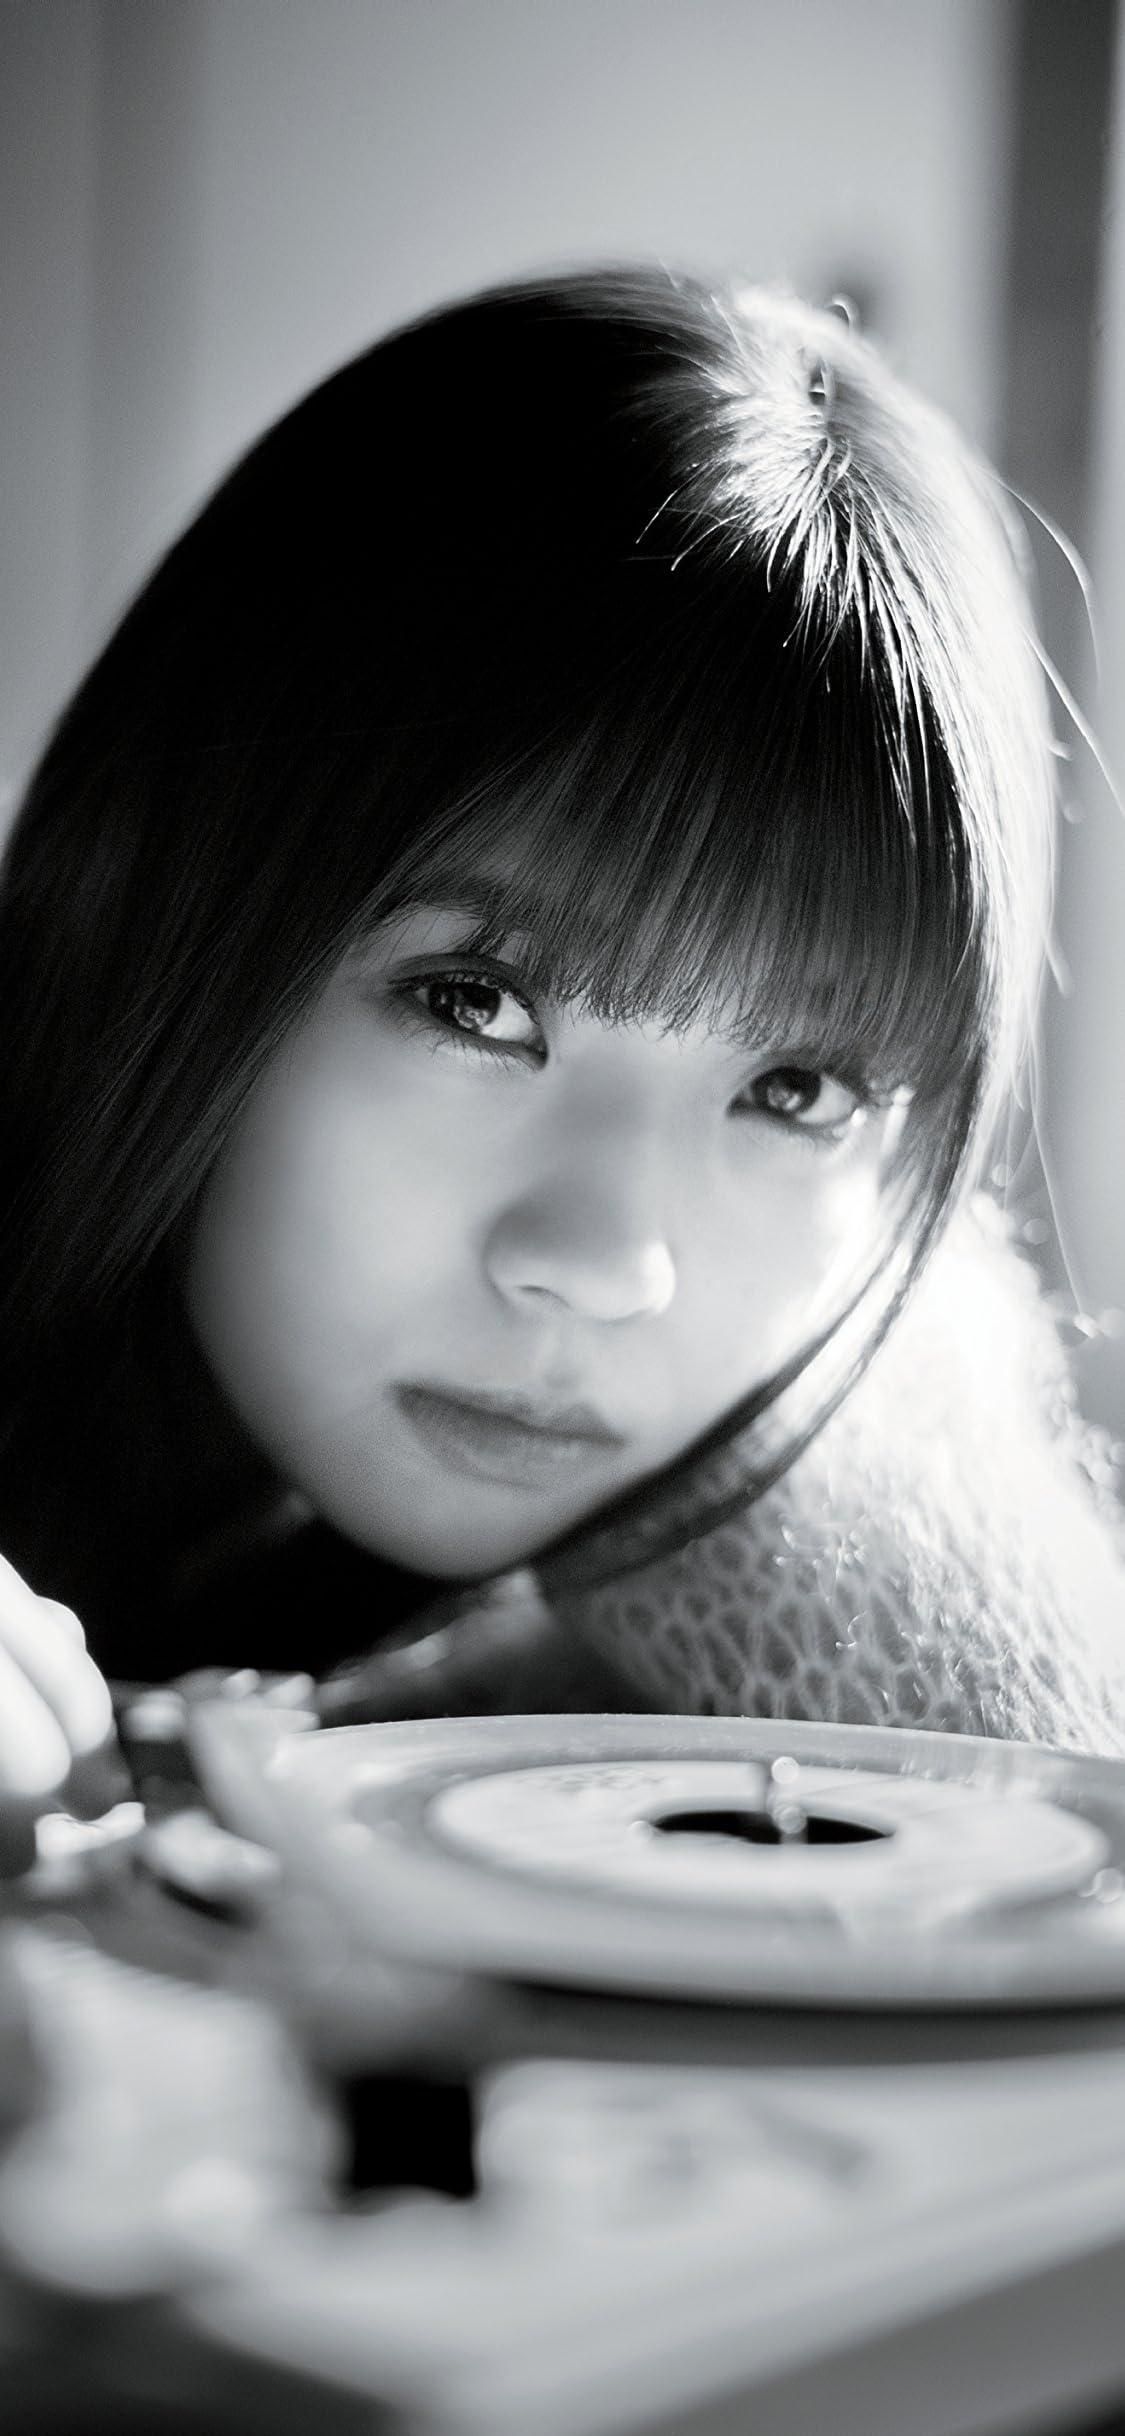 欅坂46 小林由依 iPhone X 壁紙(1125x2436)画像